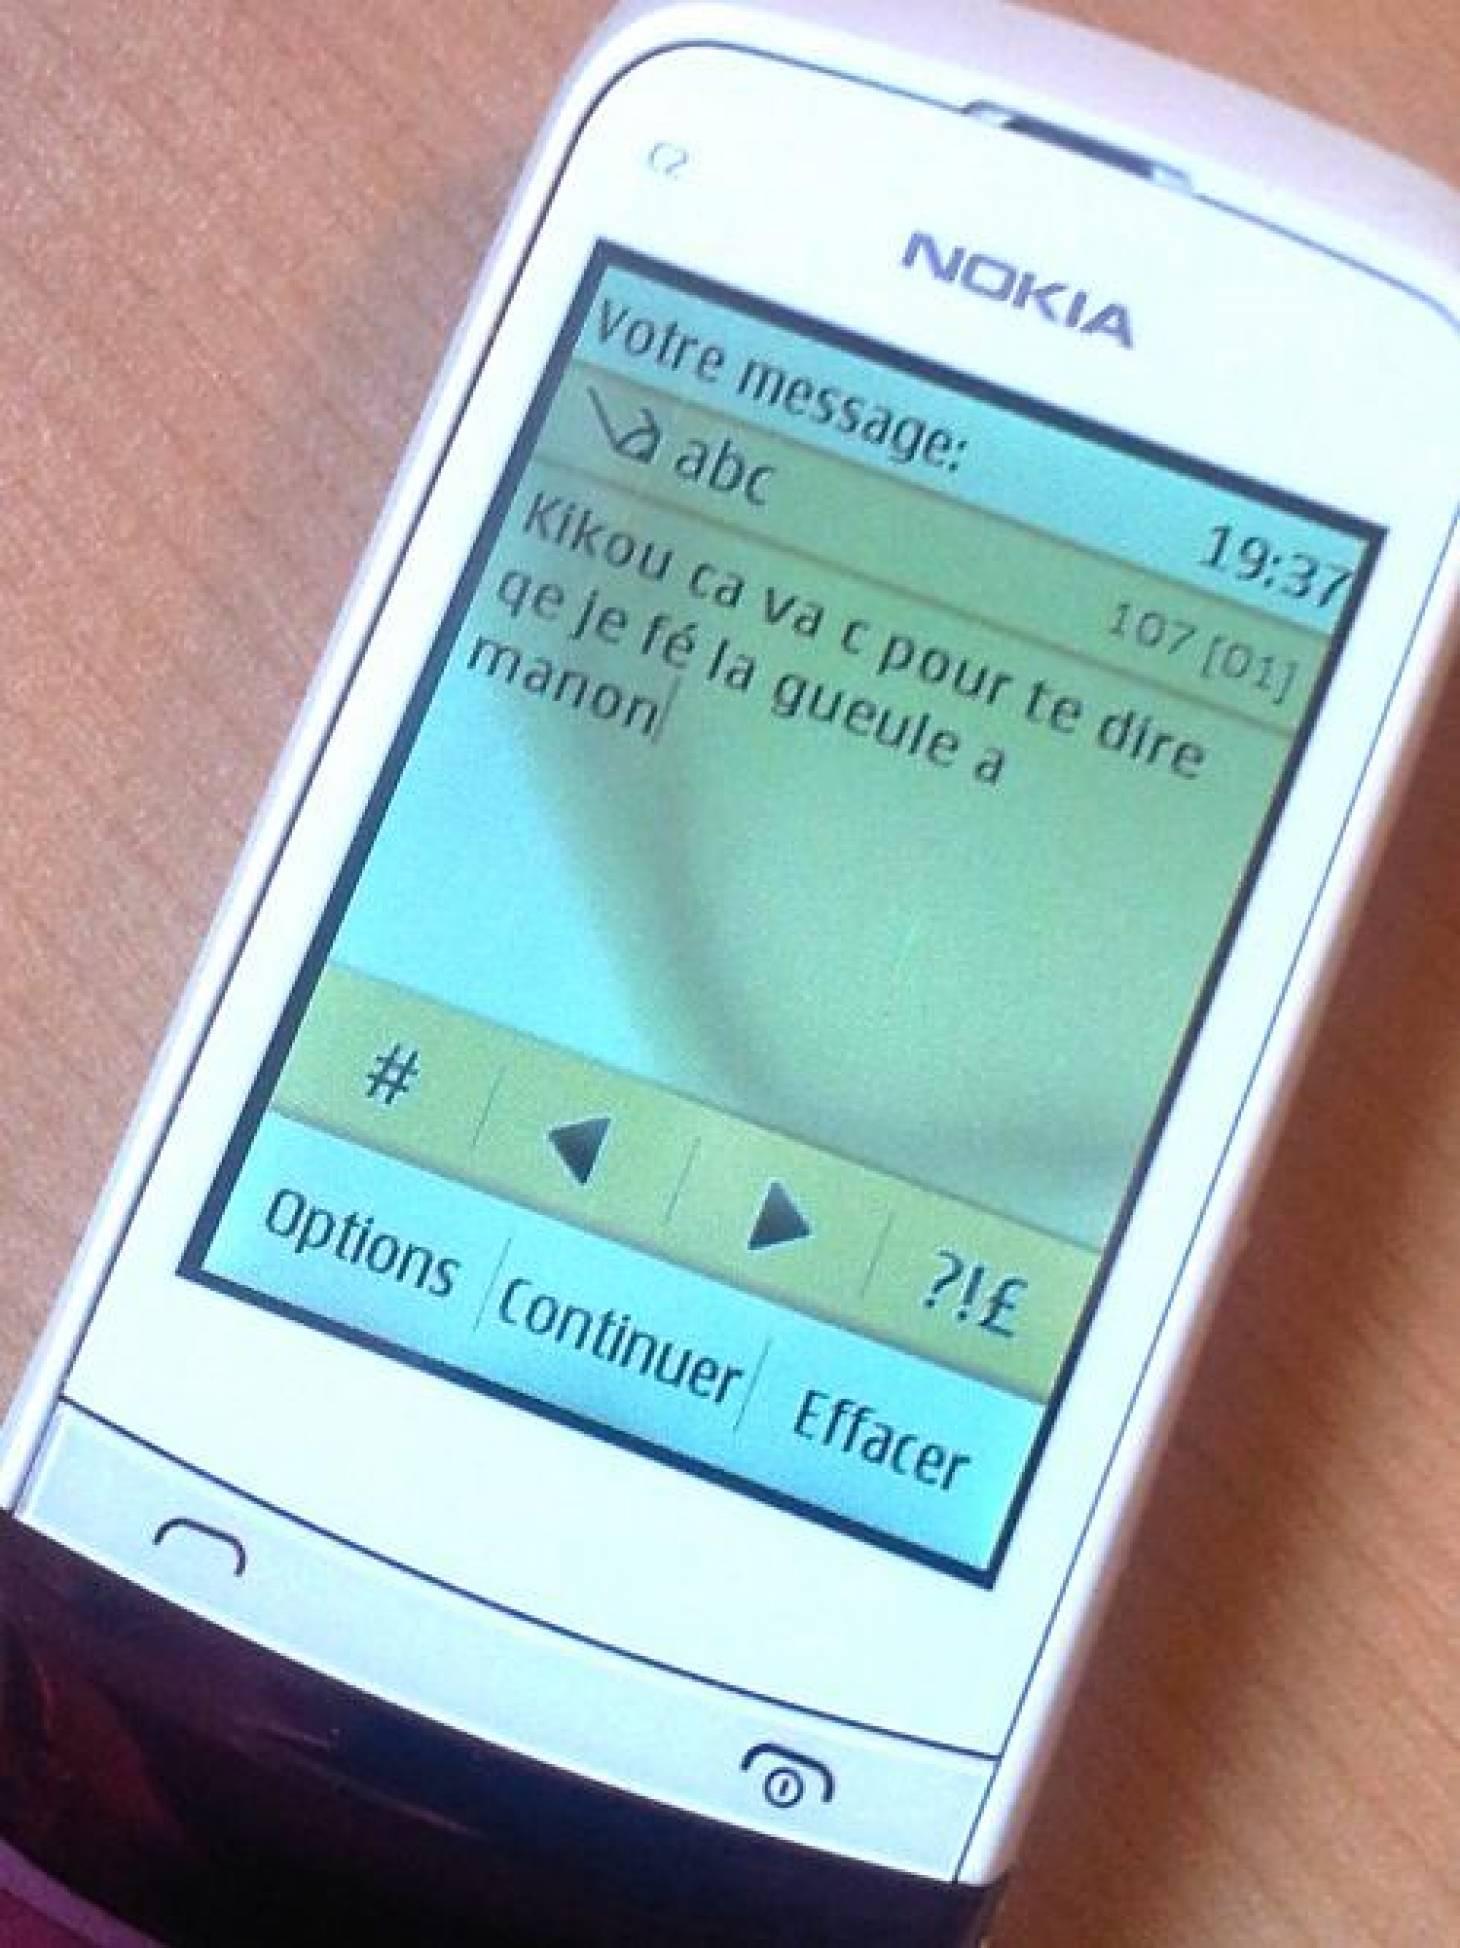 Les SMS ne menacent pas l'orthographe